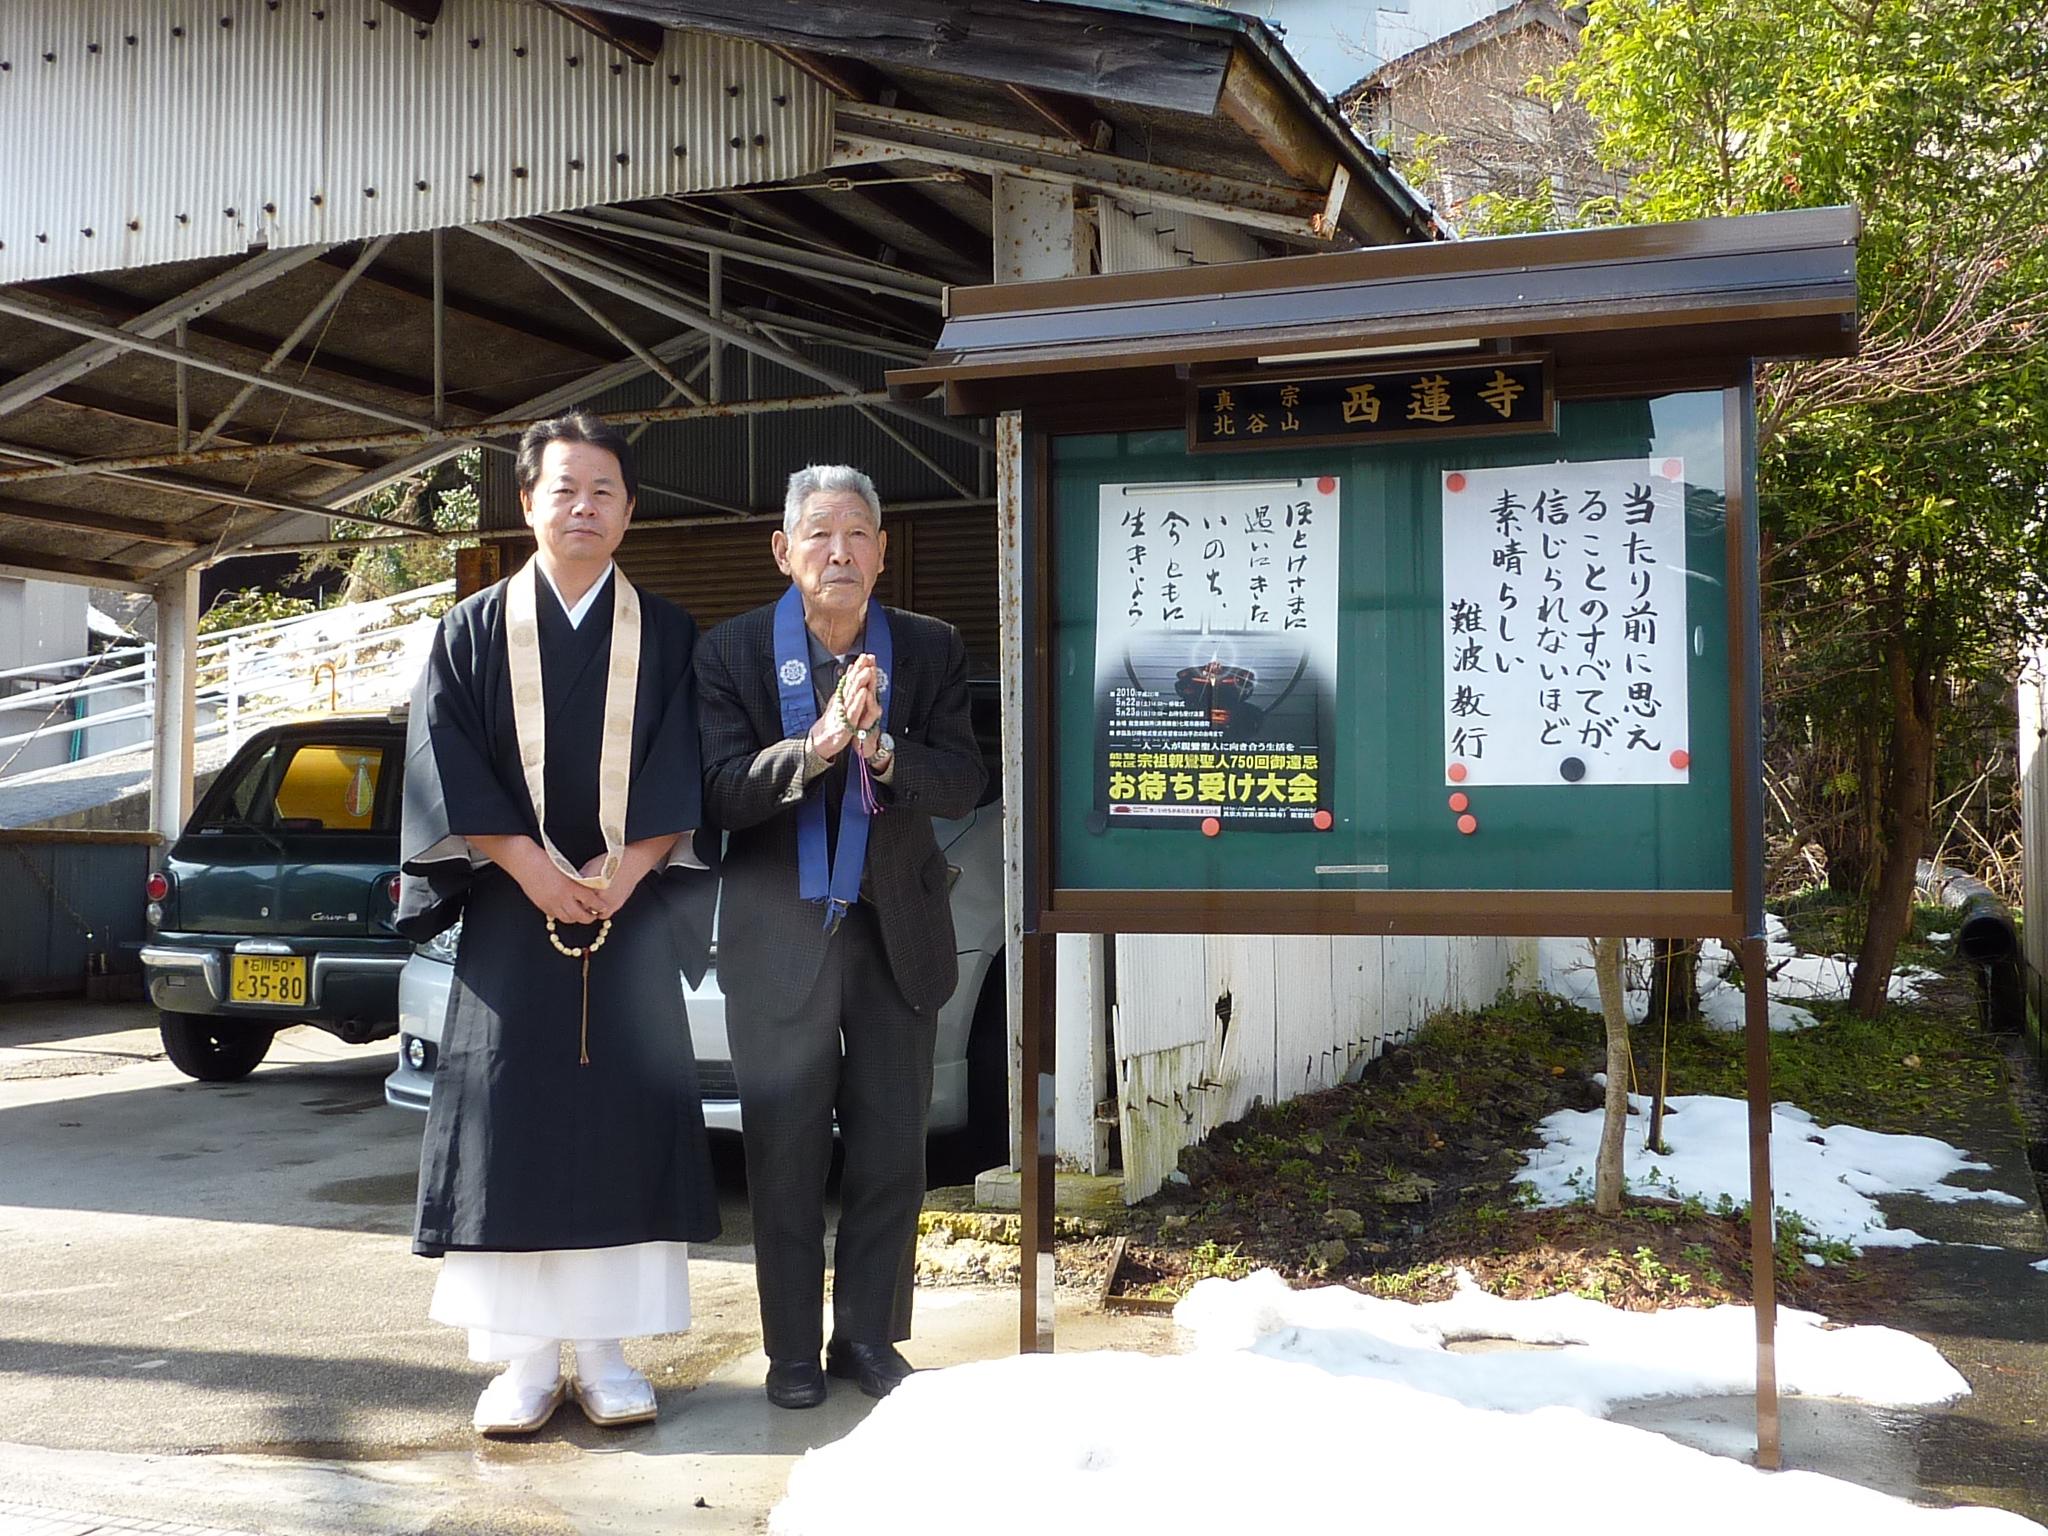 悟史さん(左)と掲示板を寄進されたご門徒の米田さん(右)